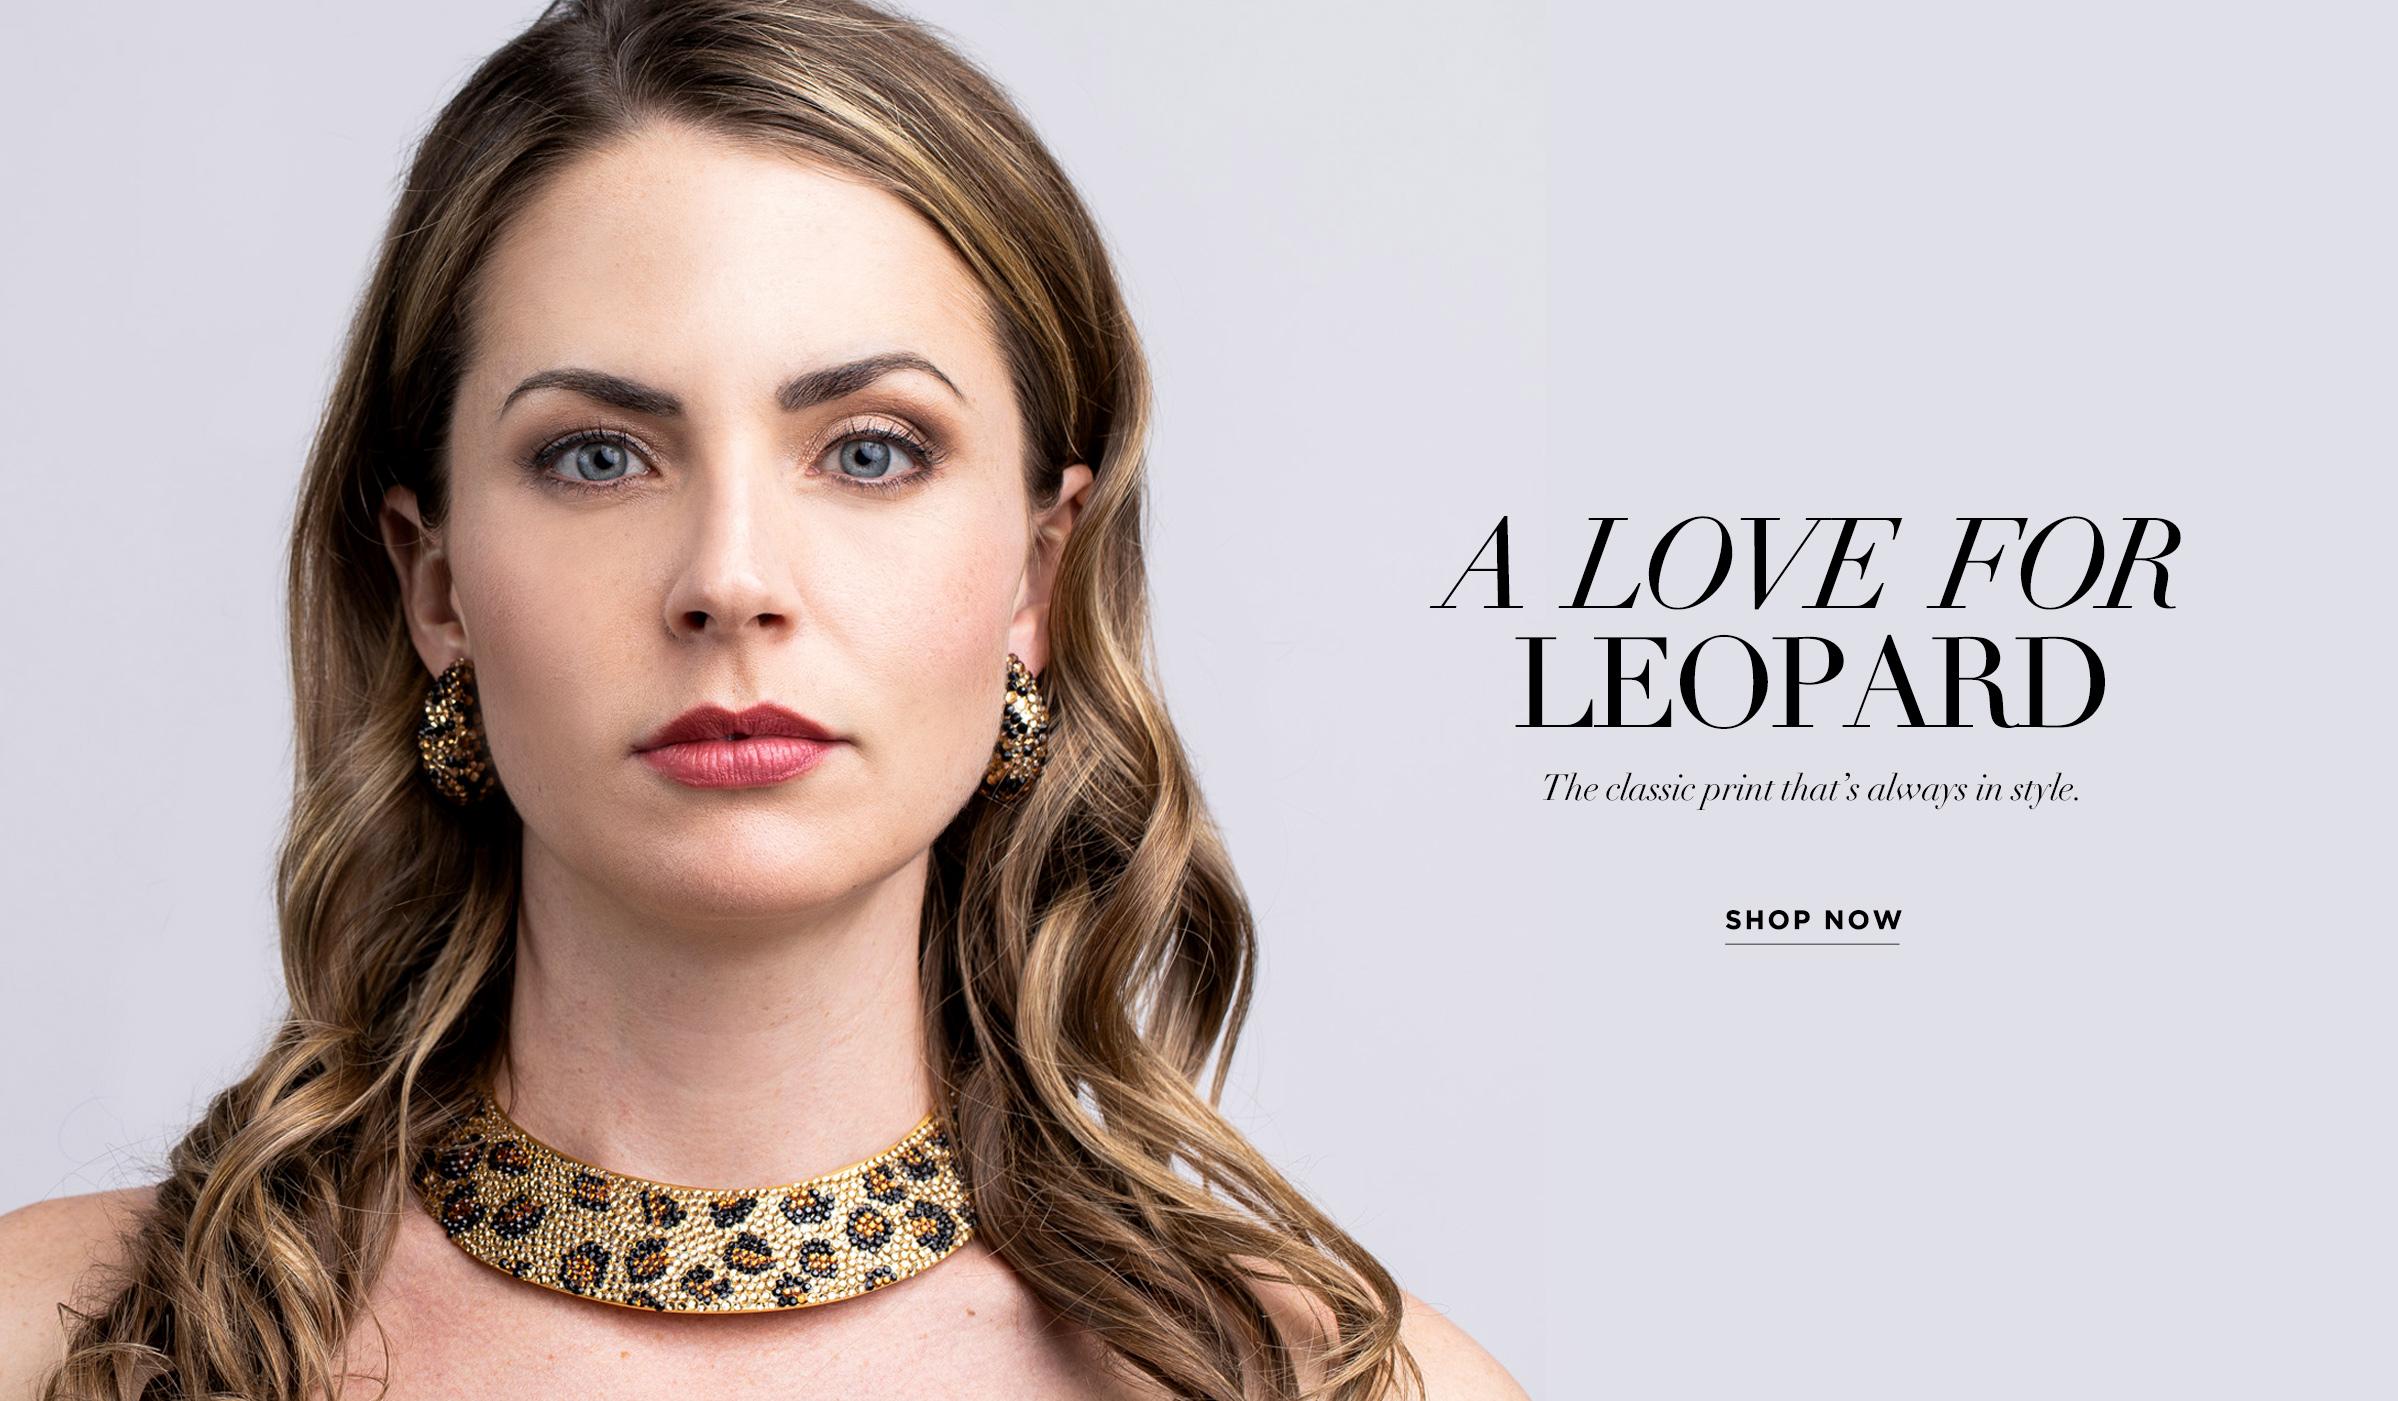 KJL_HPslide_Leopard.jpg